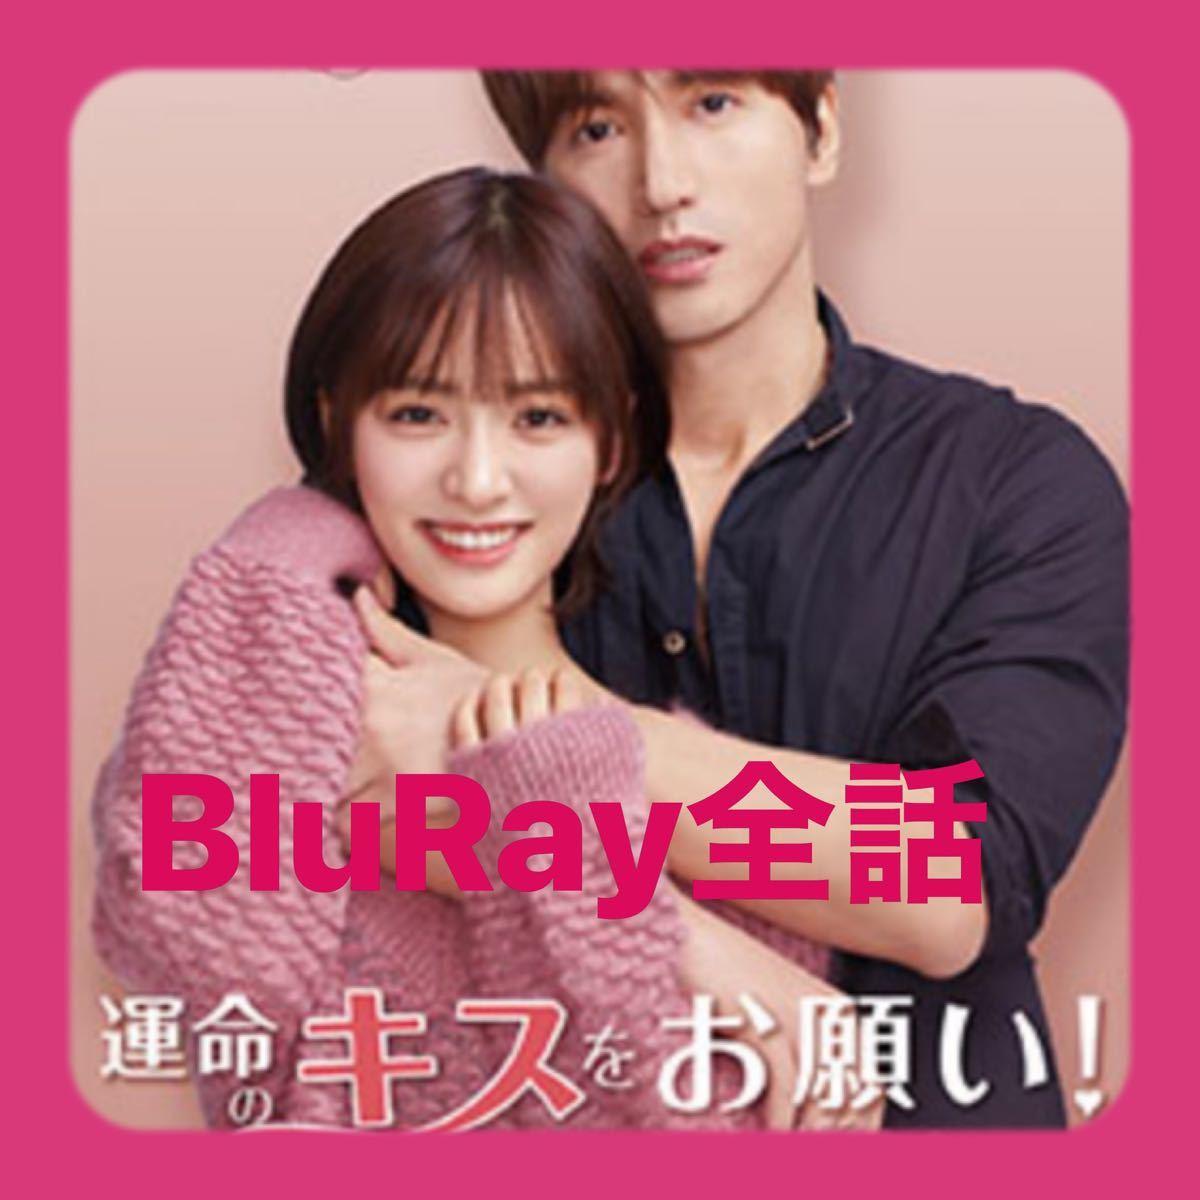 中国ドラマ 運命のキスをお願い Blu-ray全話